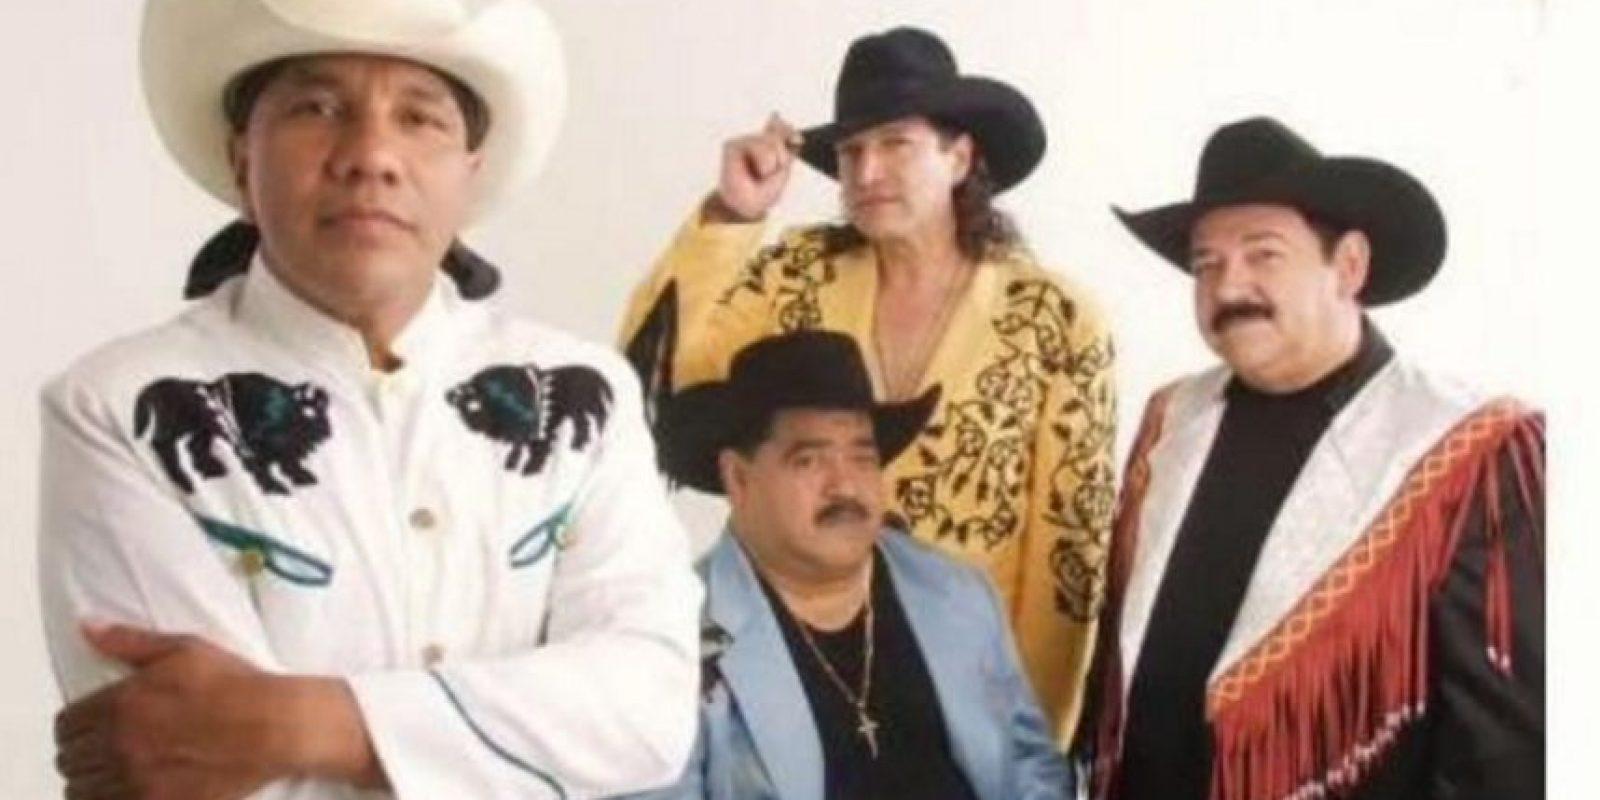 Lupe Esparza es el vocalista de la agrupación Foto:Vía twitter.com/broncoesbronco